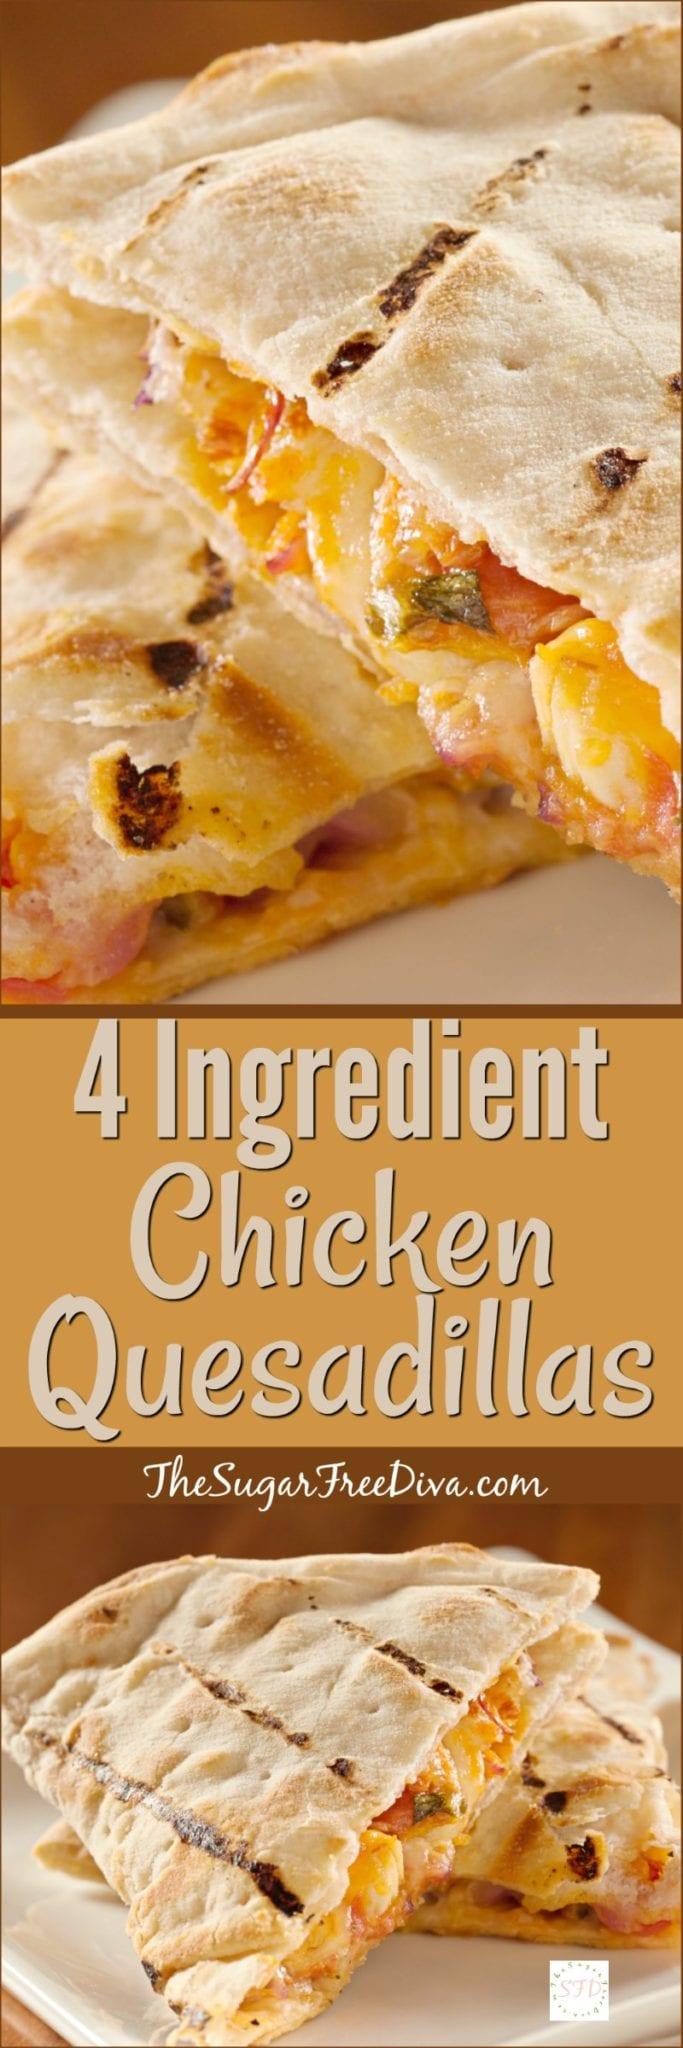 4 Ingredient Chicken Quesadillas